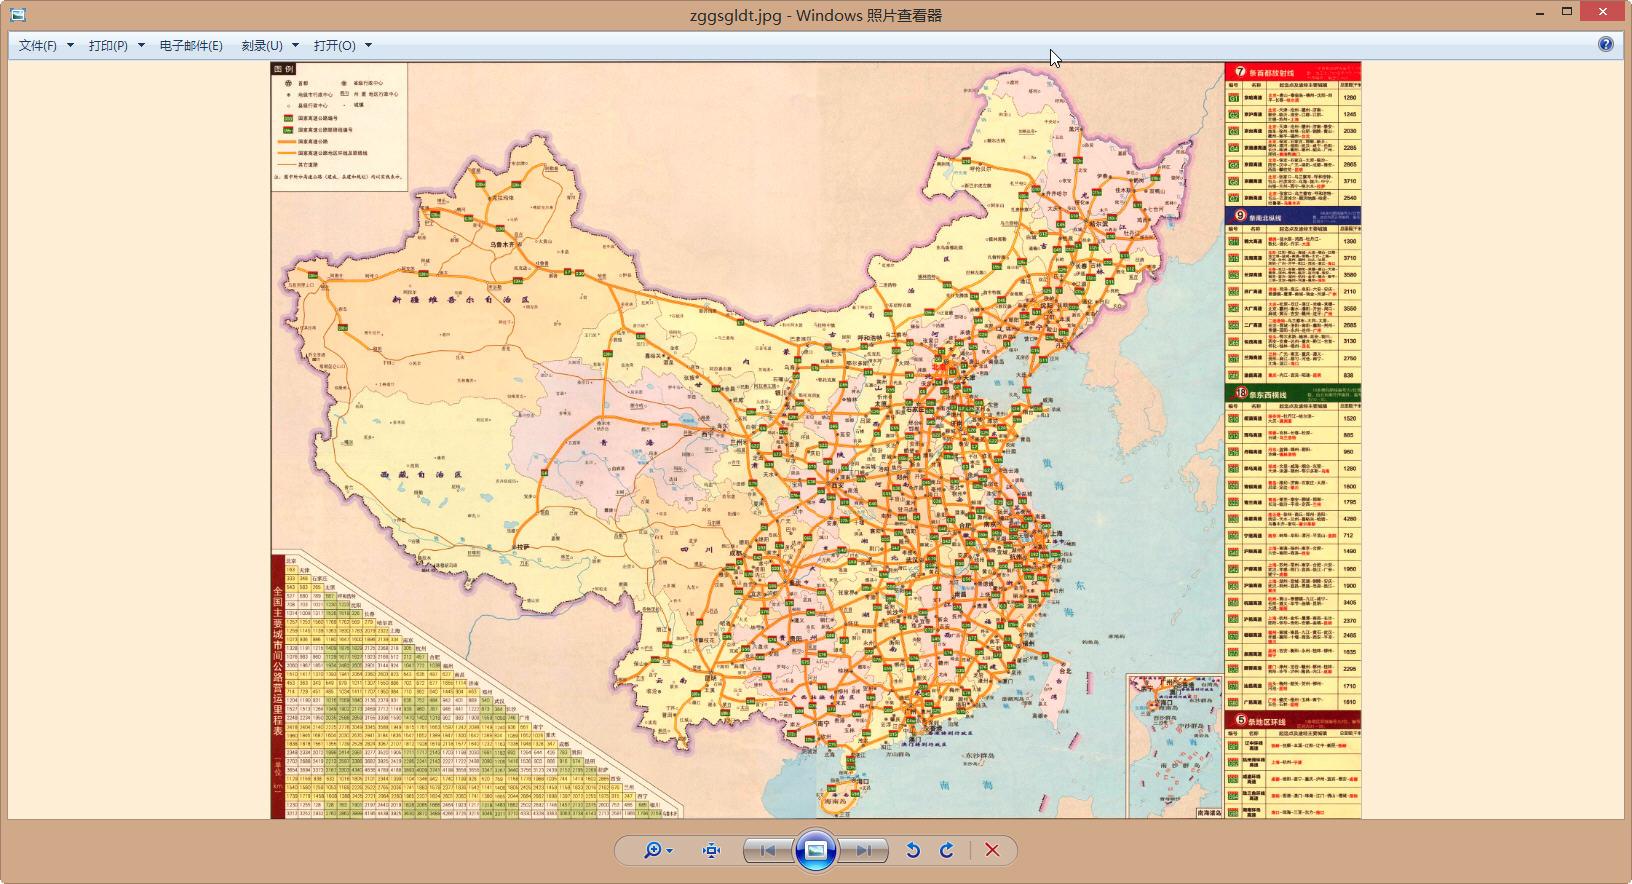 中国高速公路地图高清版大图